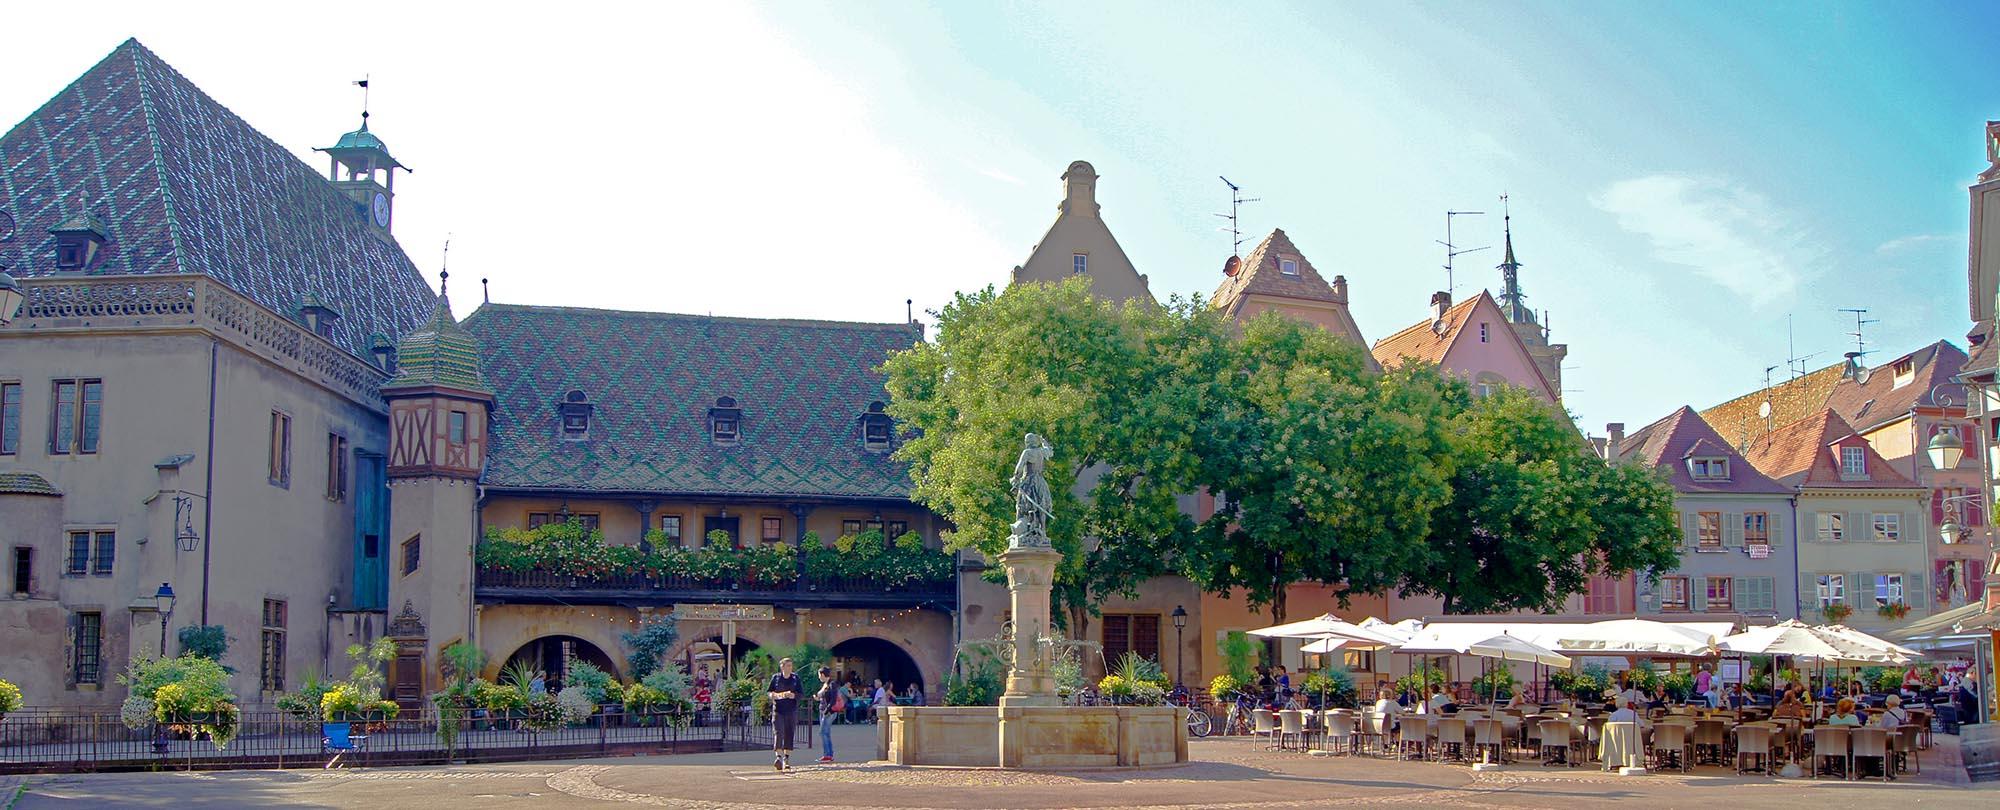 Ancienne douane Colmar (Koïfhus) - достопримечательности Кольмара